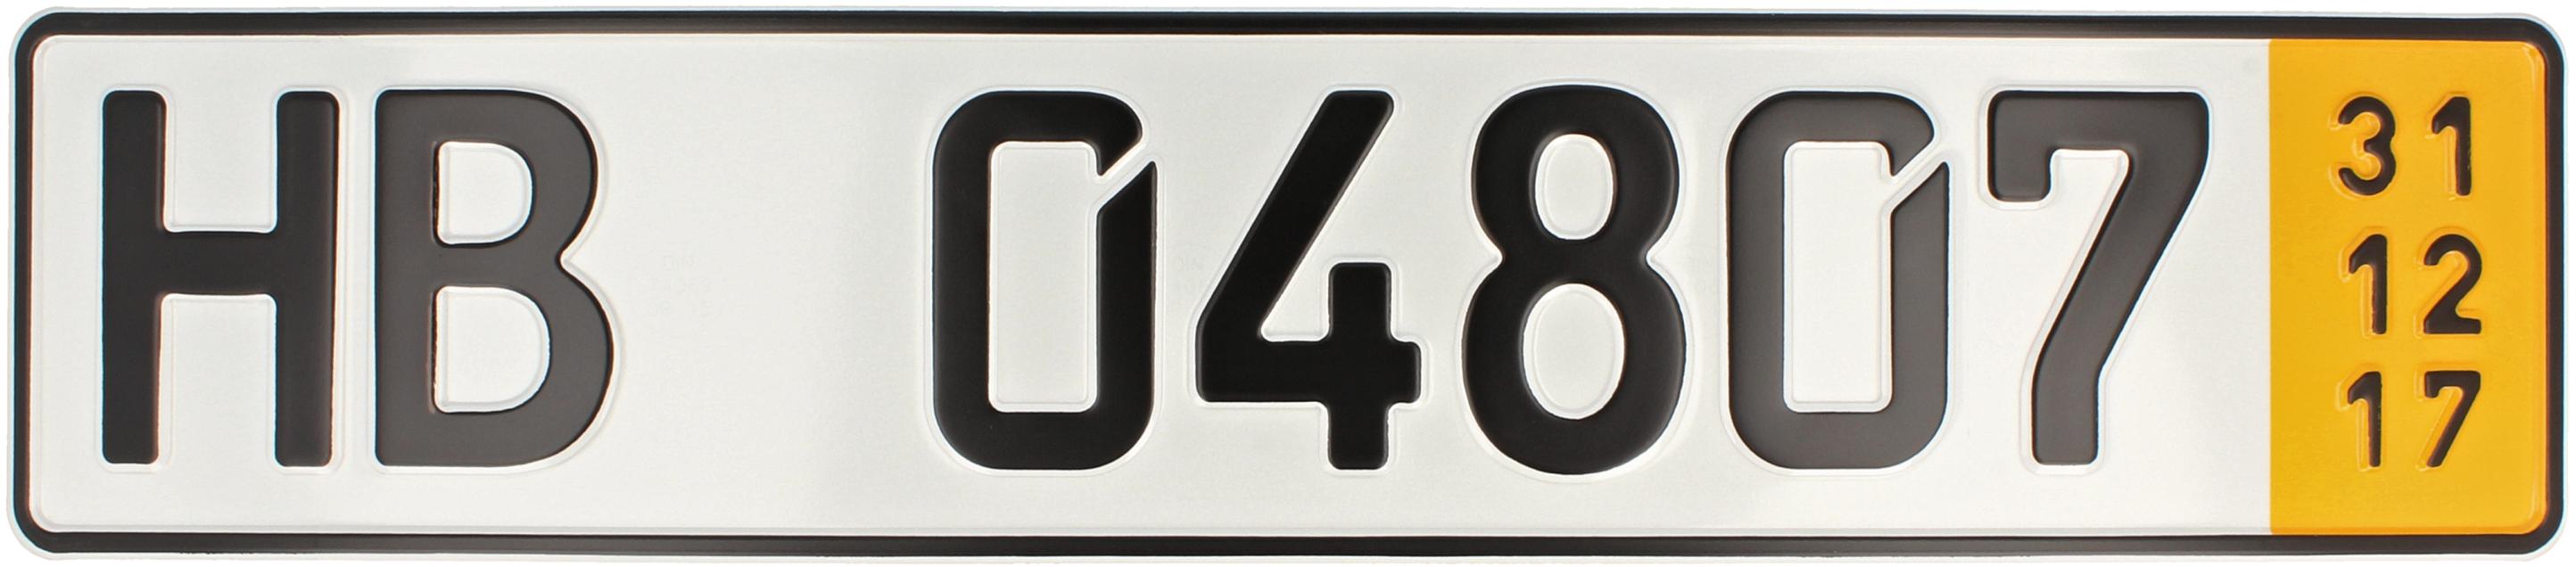 PKW-Kurzzeitkennzeichen5932f55b341ac